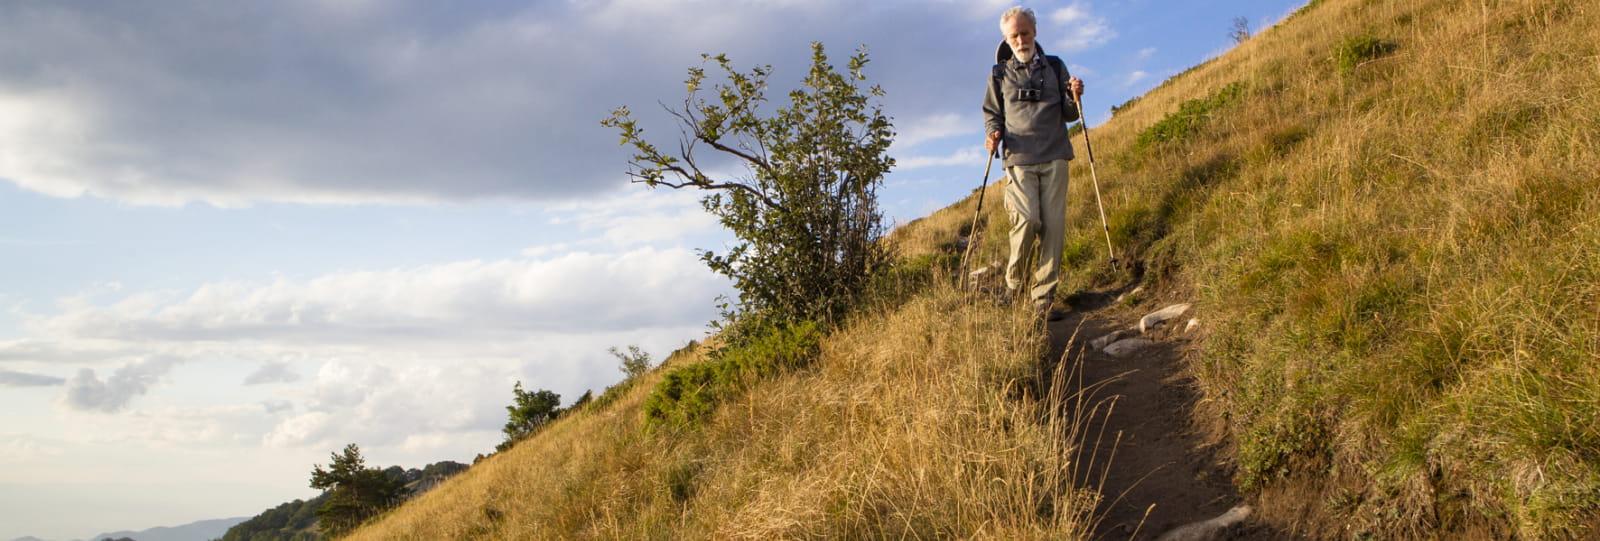 Sur les traces des Huguenots : Randonnée pédestre en liberté sur le GR965 entre Provence et Vercors